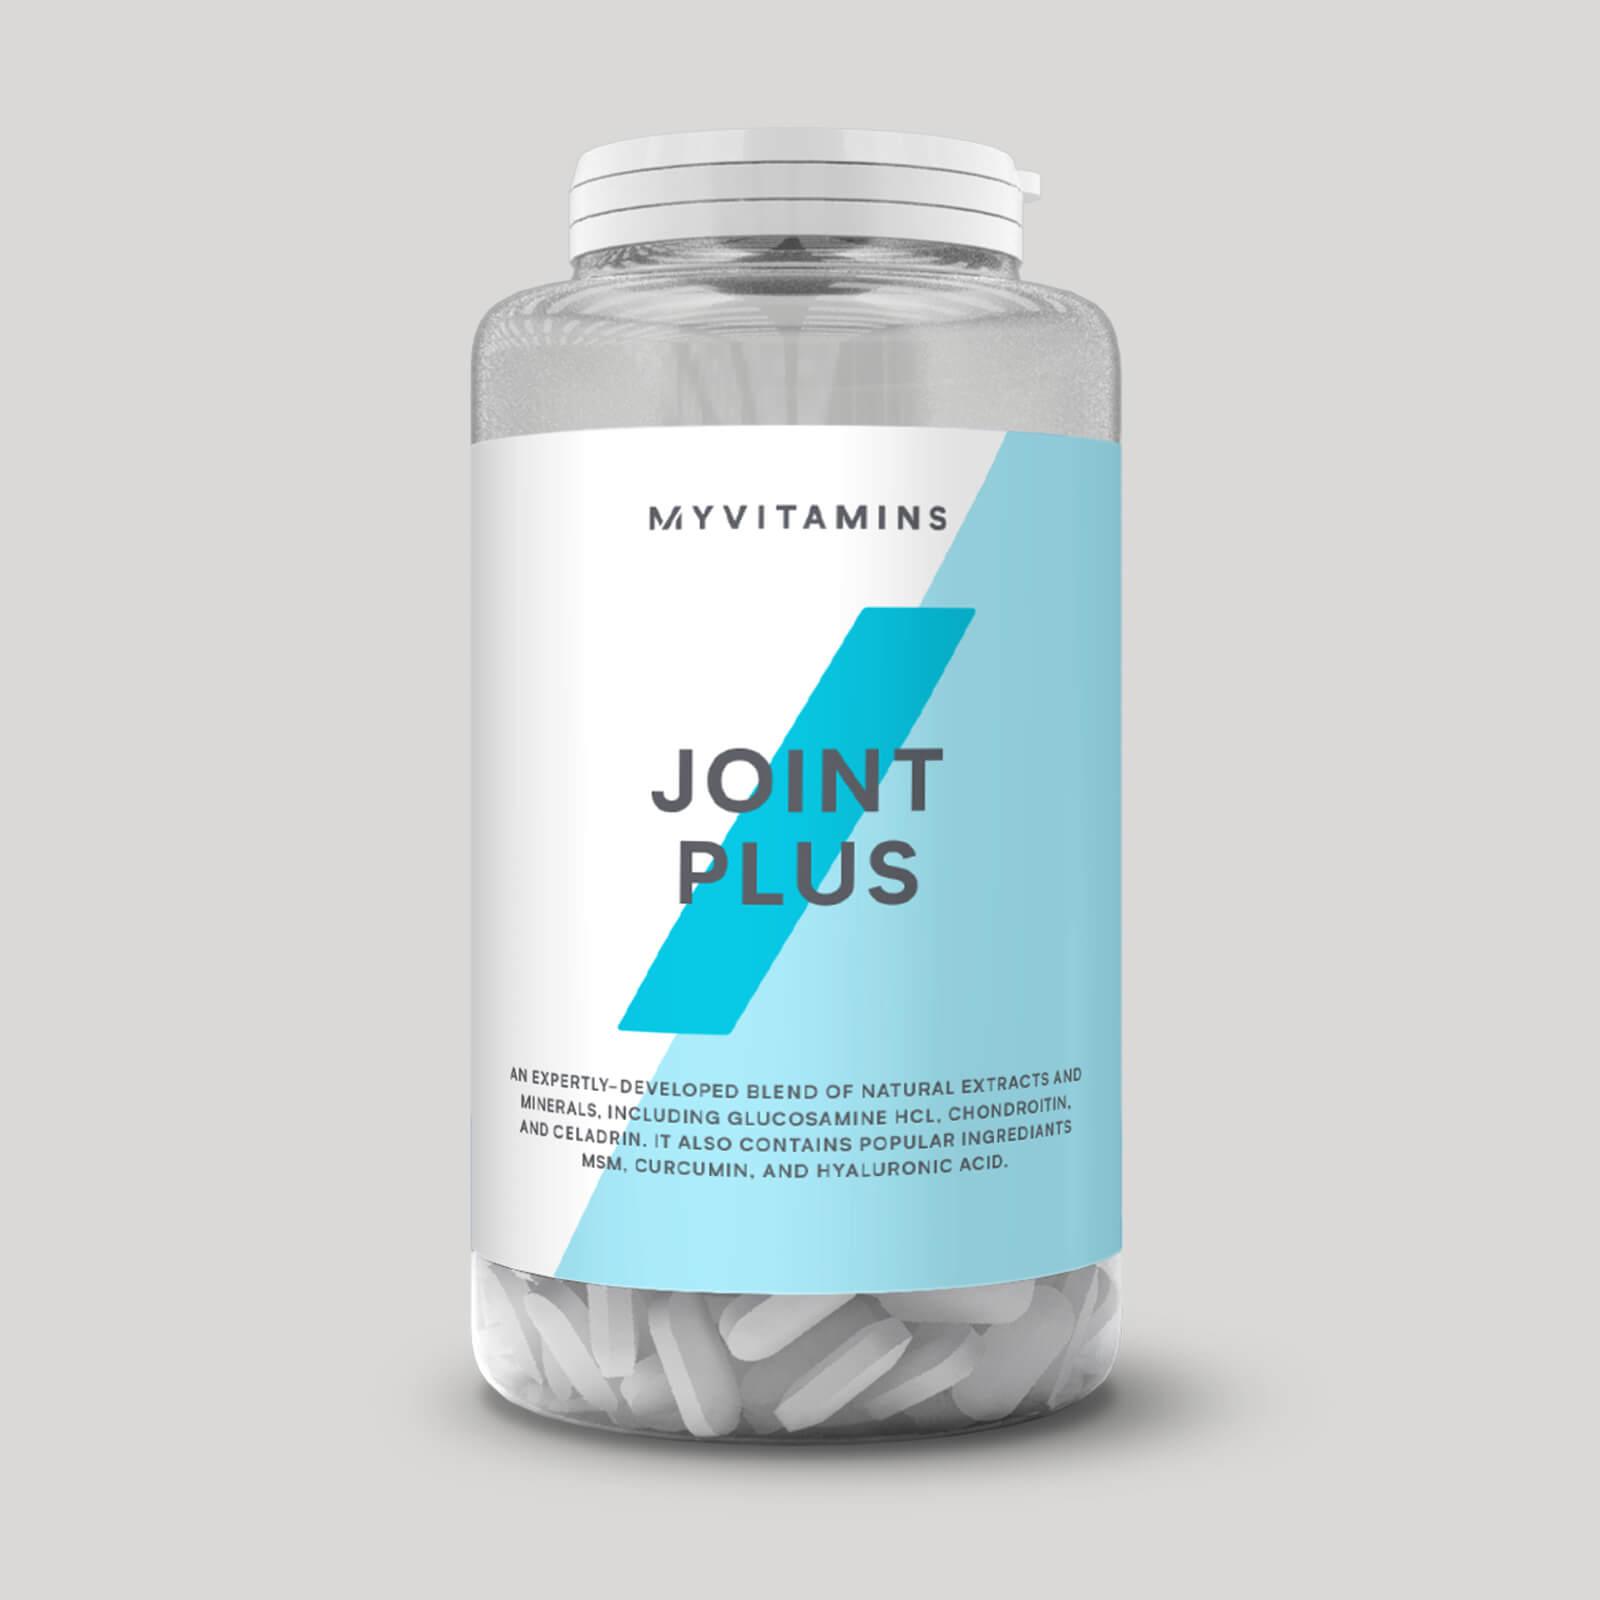 Meilleures vitamines pour les joints